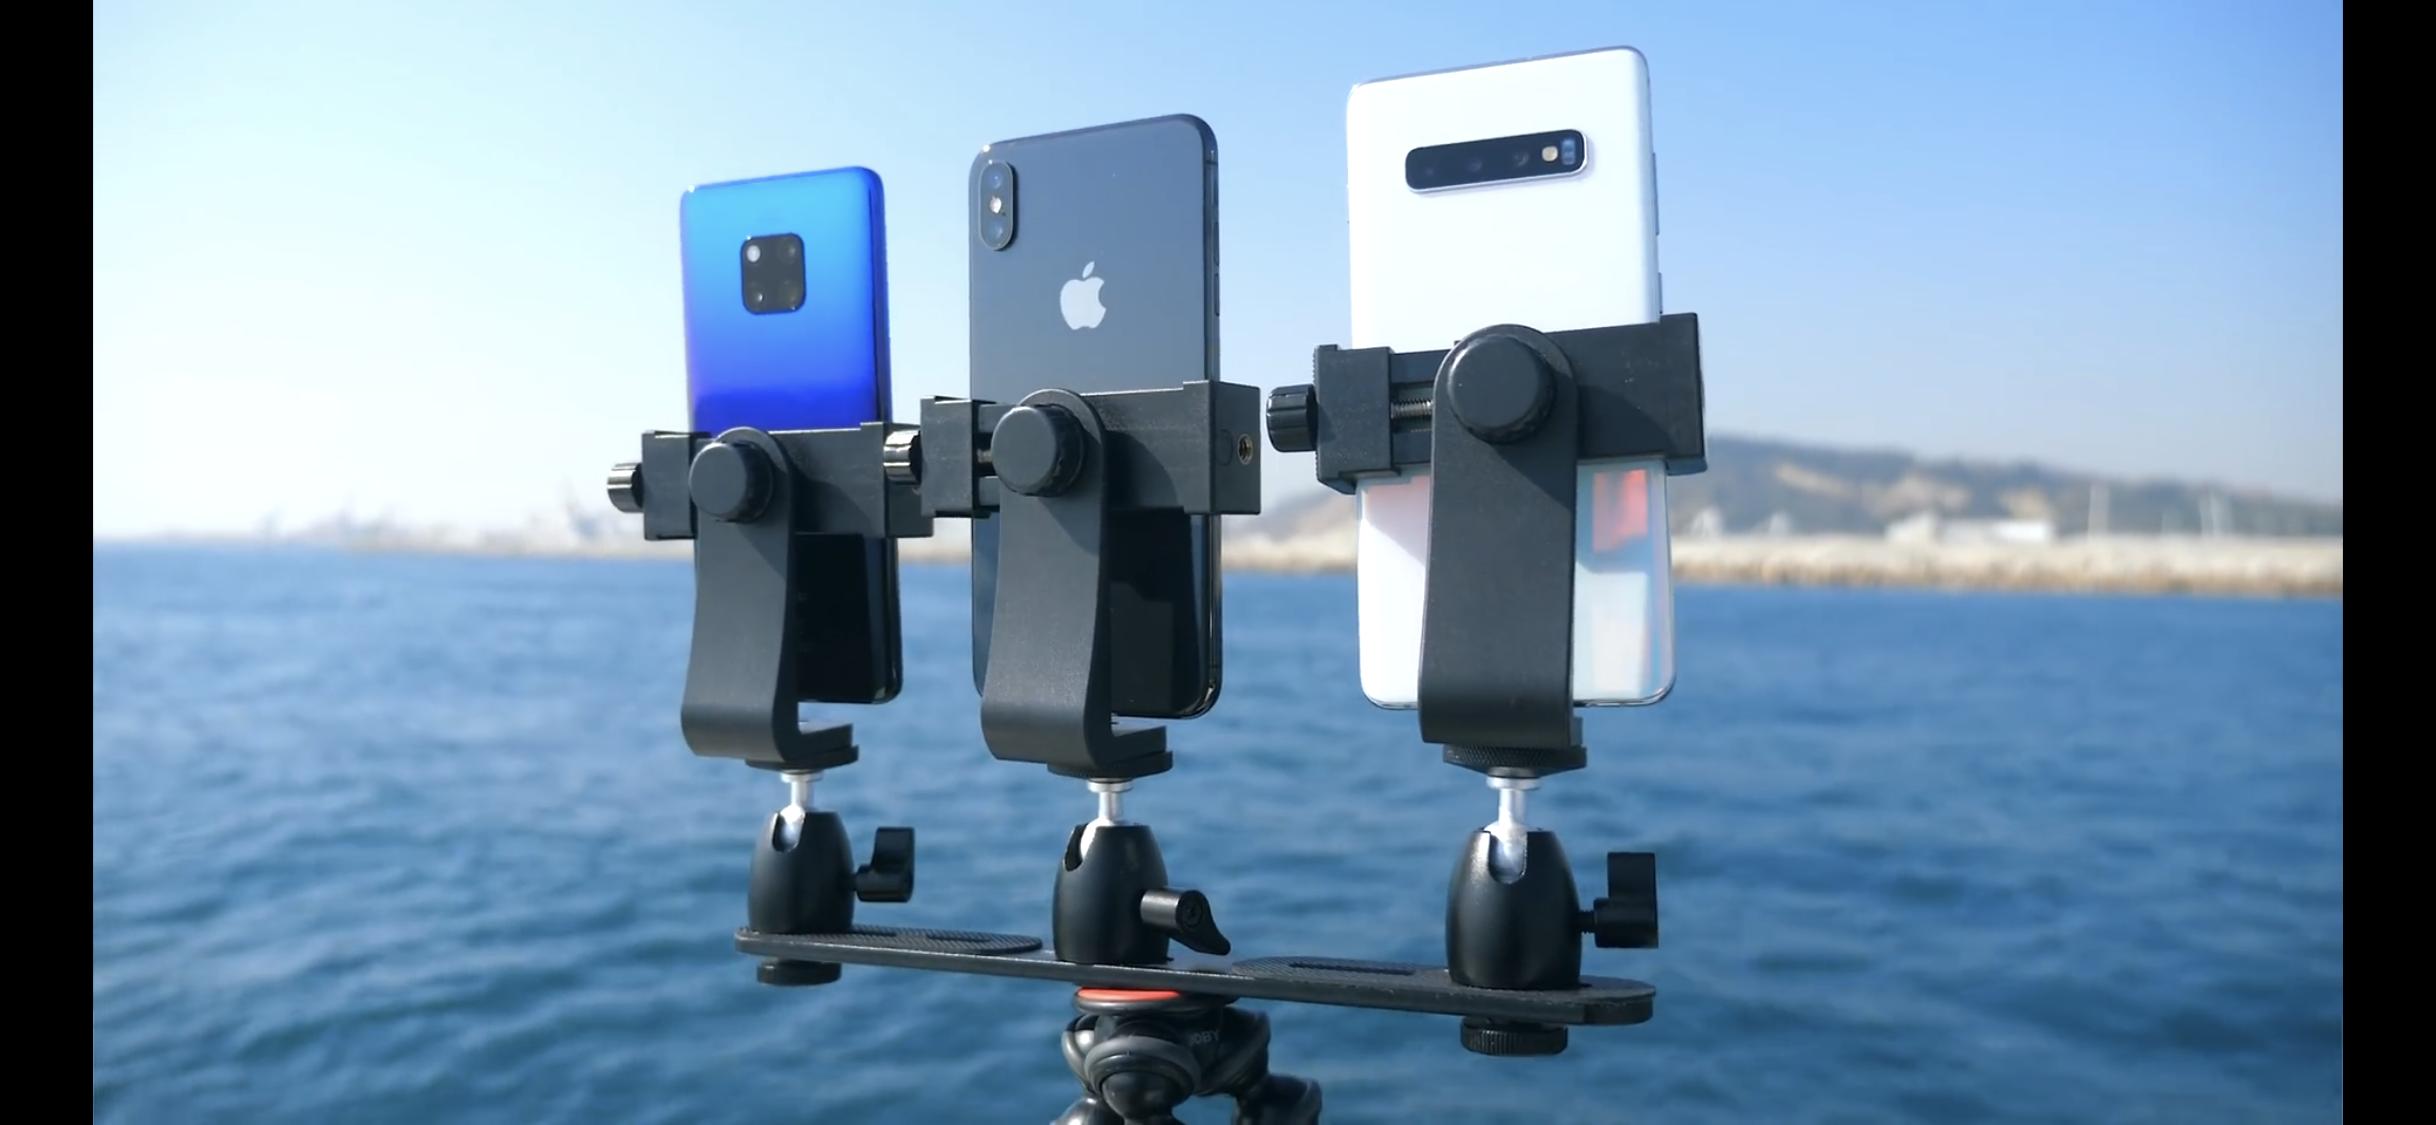 Фото Какая же мобильная камера лучшая на данный момент?? Сравните их сами